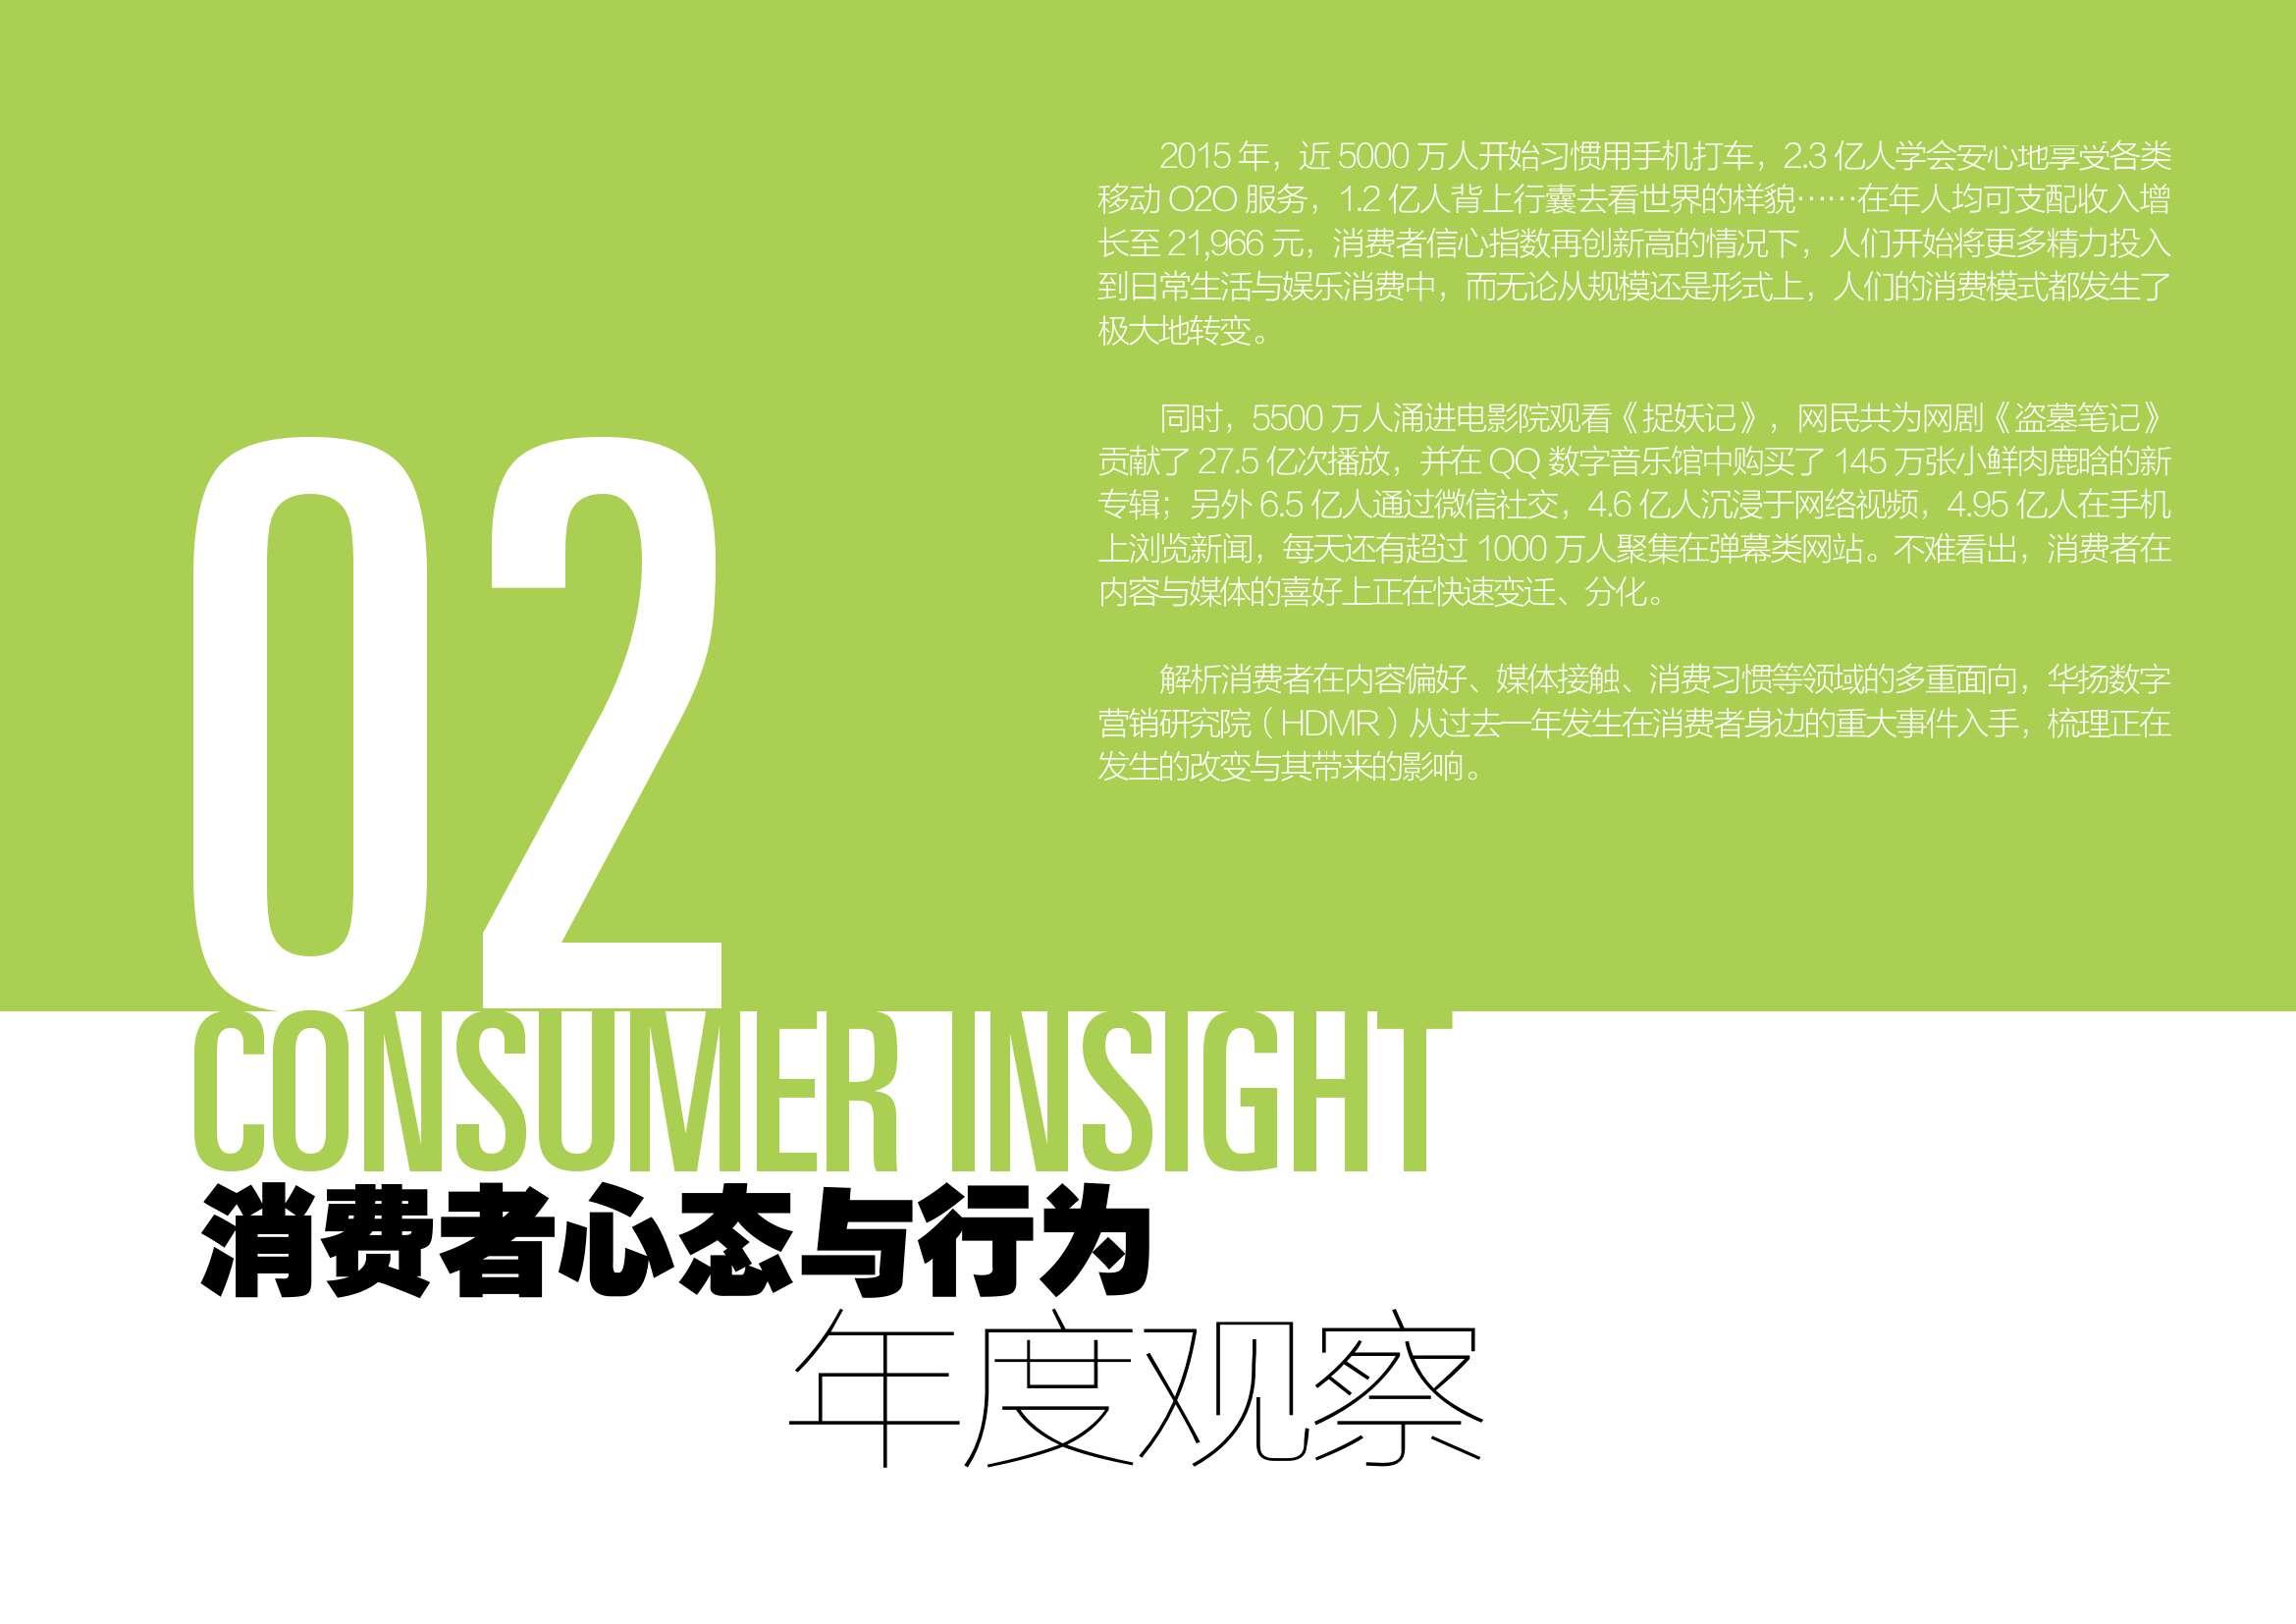 2016中国数字营销行动报告_000012